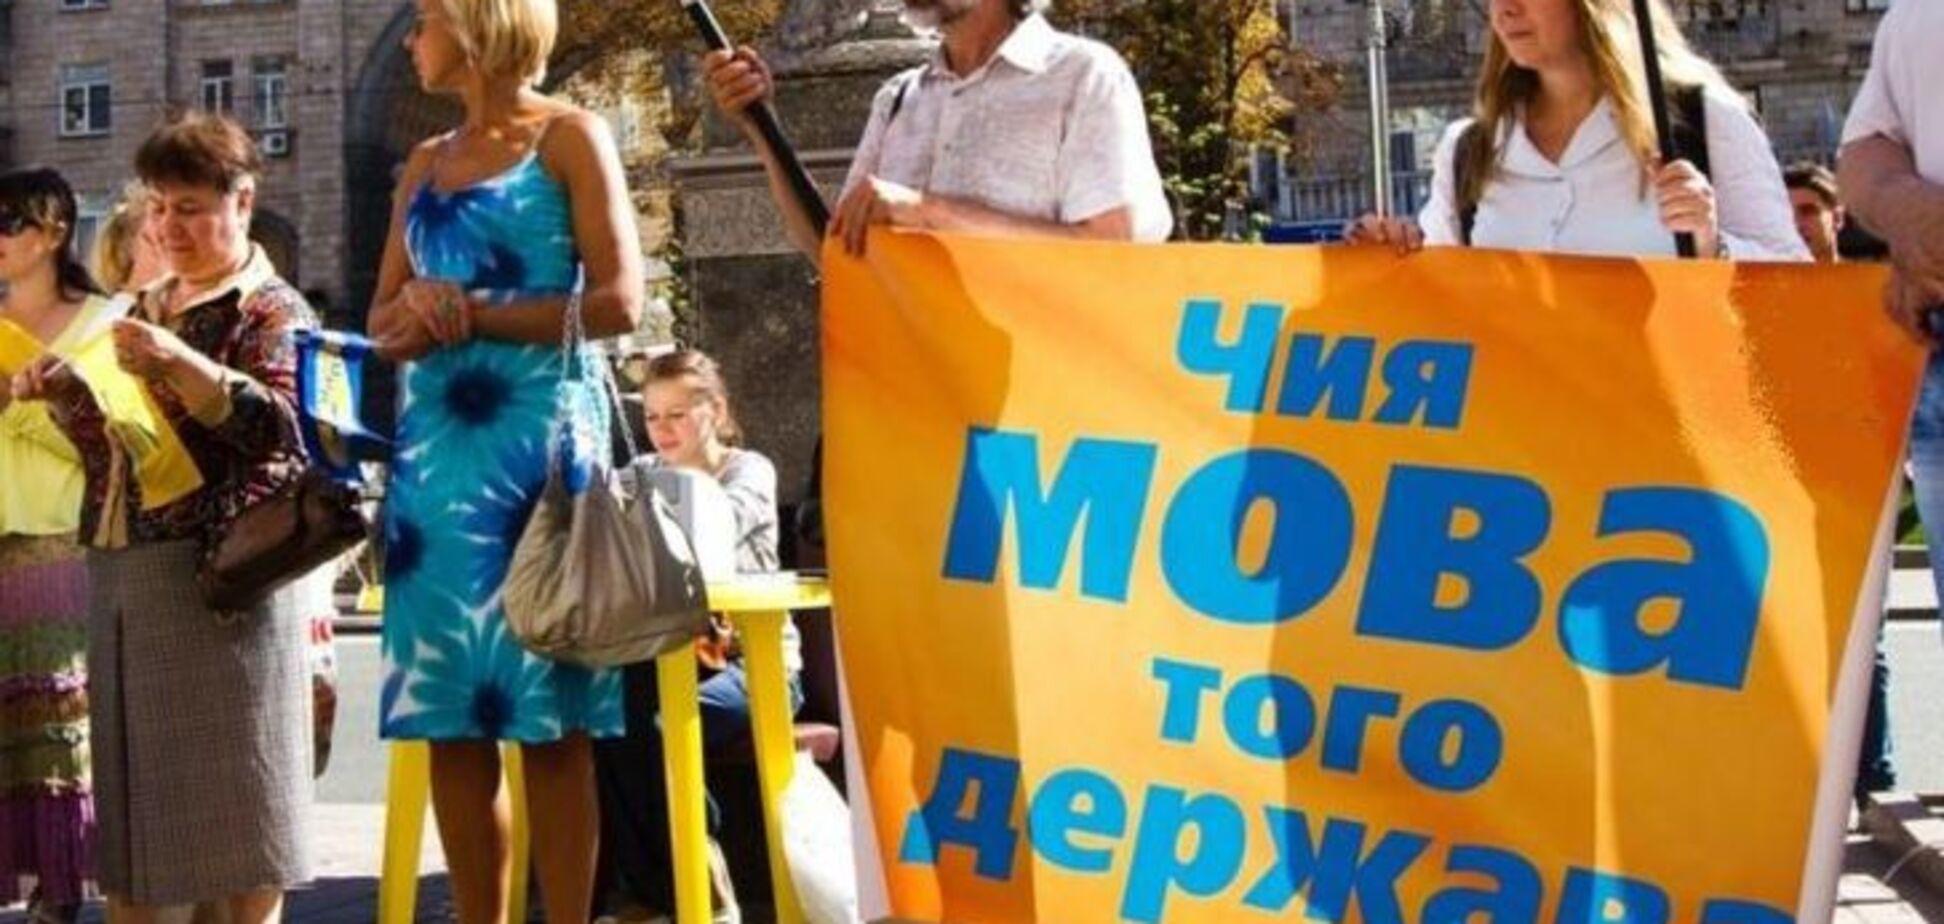 Скандали навколо України: як вирішити історичні і мовні суперечності